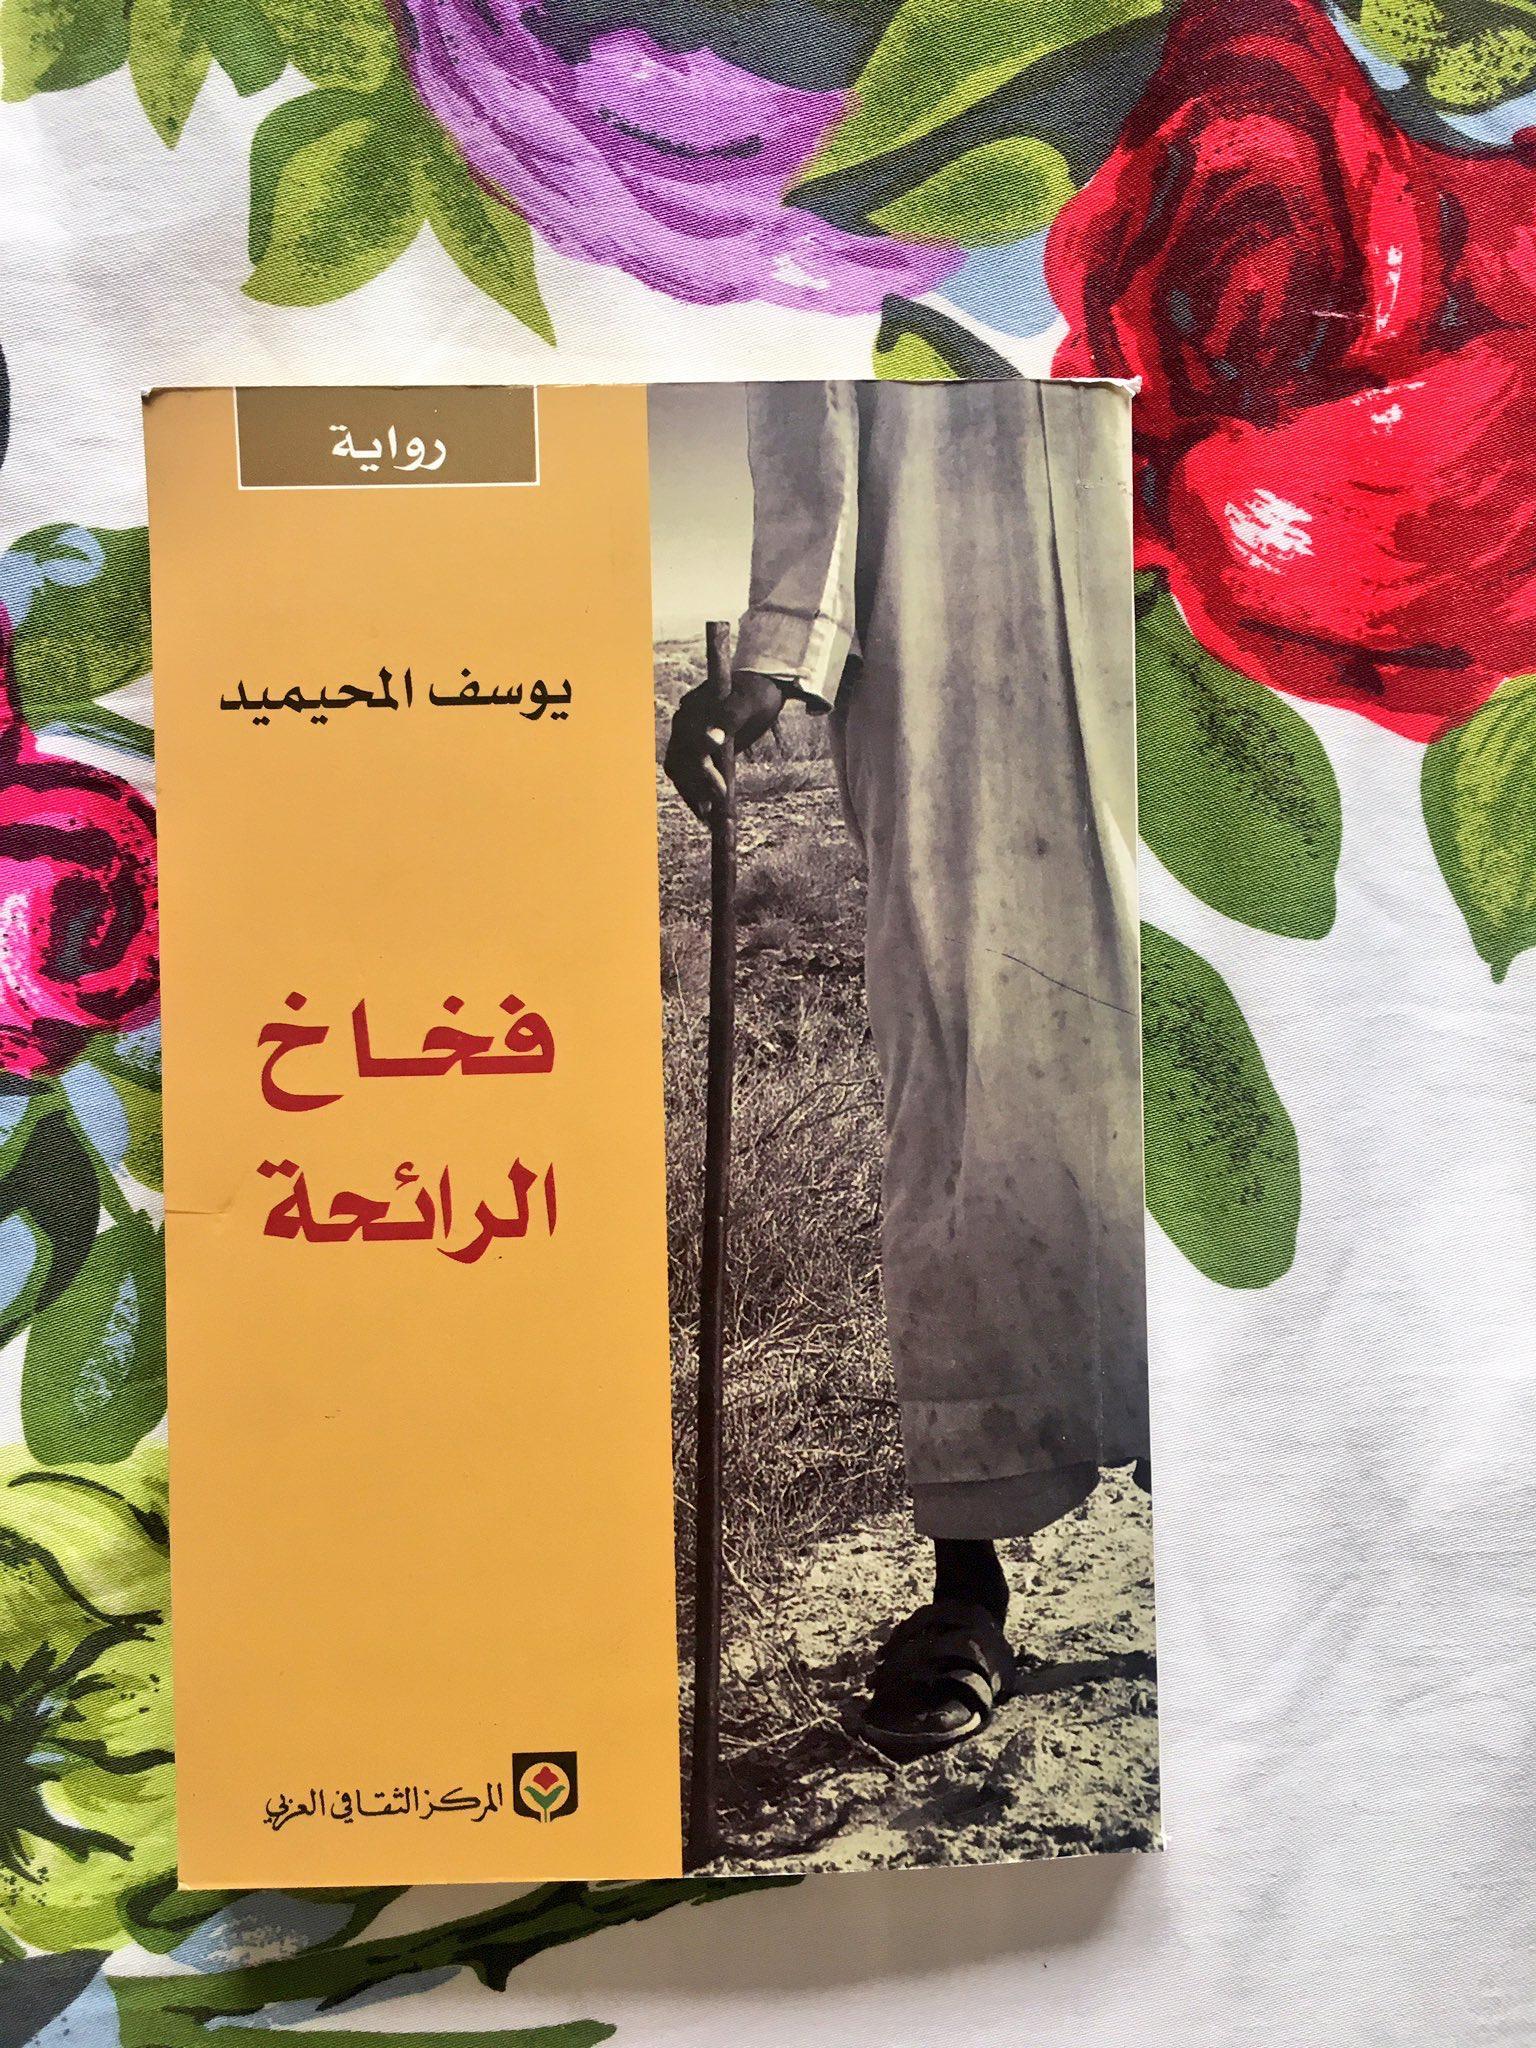 الأدب العربي الحديث اقرأ رواية فخاخ الرائحة يوسف المحيميد قالوا عن الرواية الفرادة في رسم الشخصيات ورسم فضائها المتر Books Book Cover Film